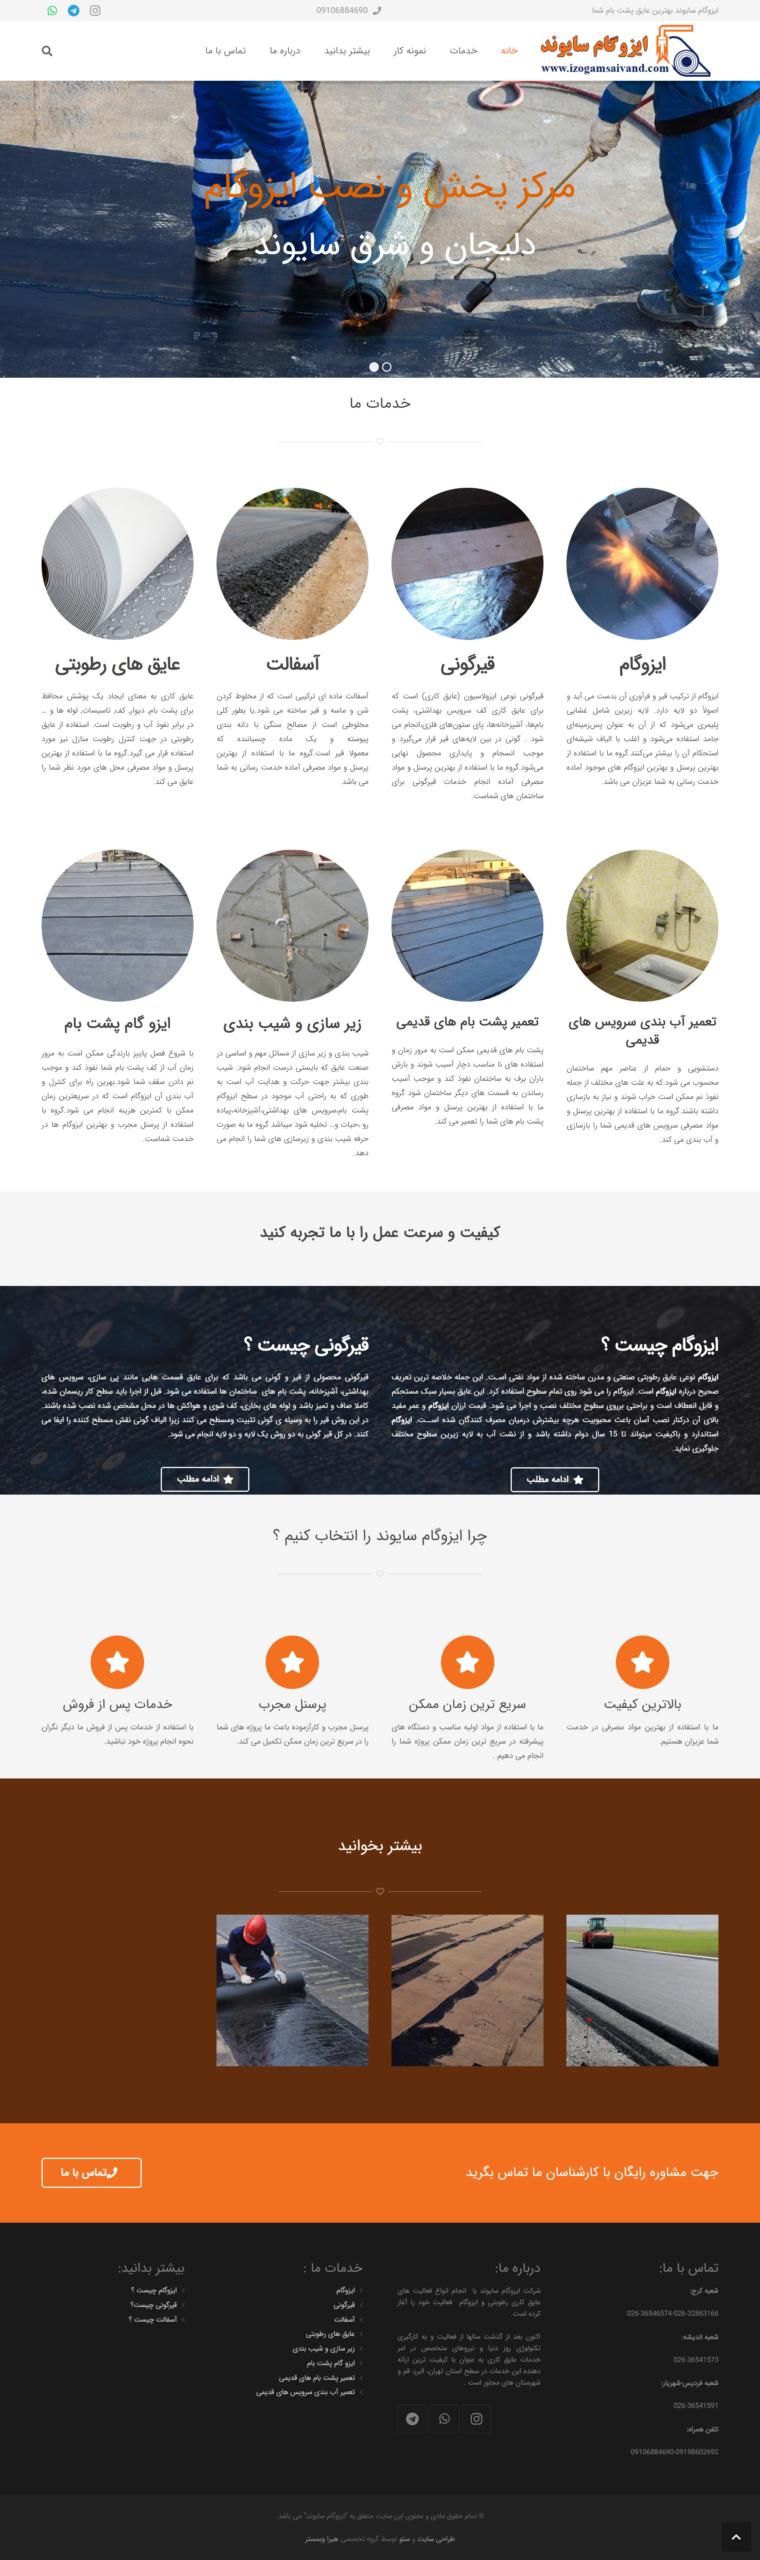 طراحی سایت خدماتی سایوند